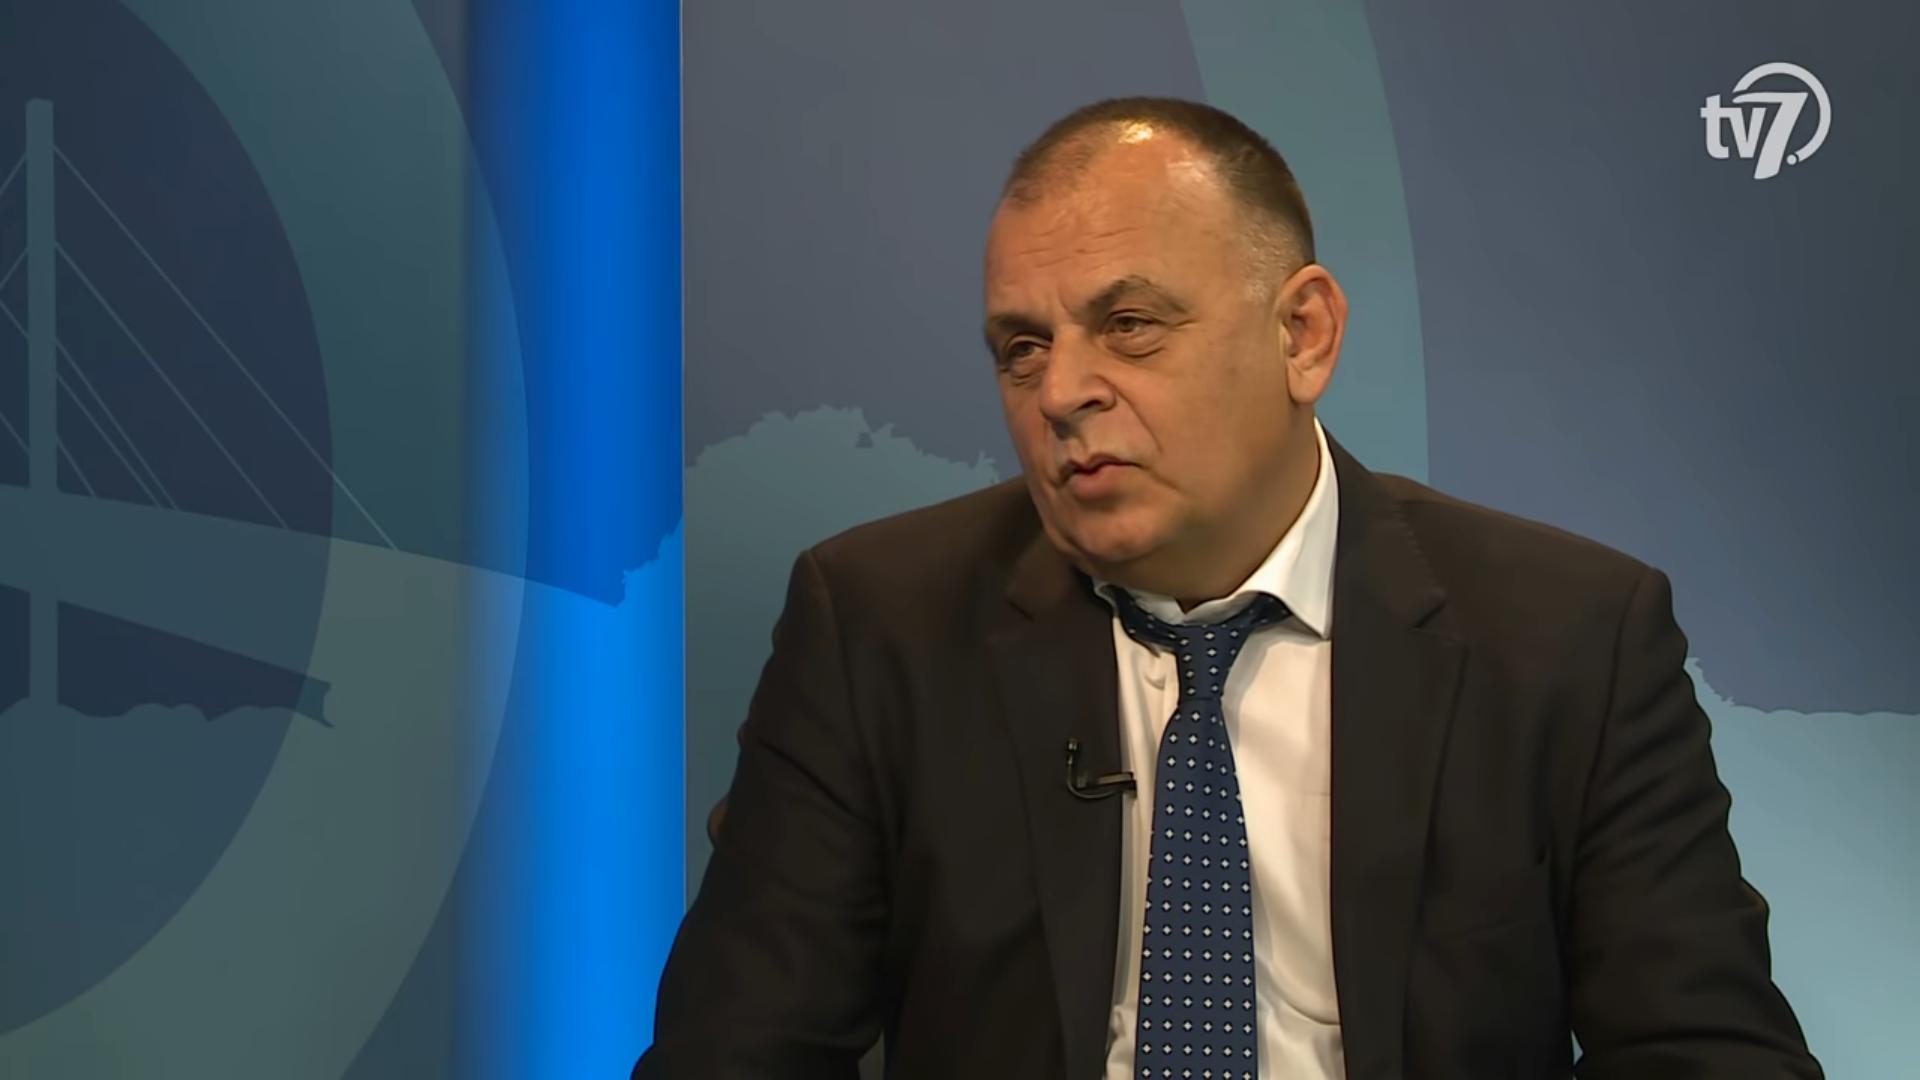 Varga István, a Közép Európai Sajtó és Média Alapítvány elnöke